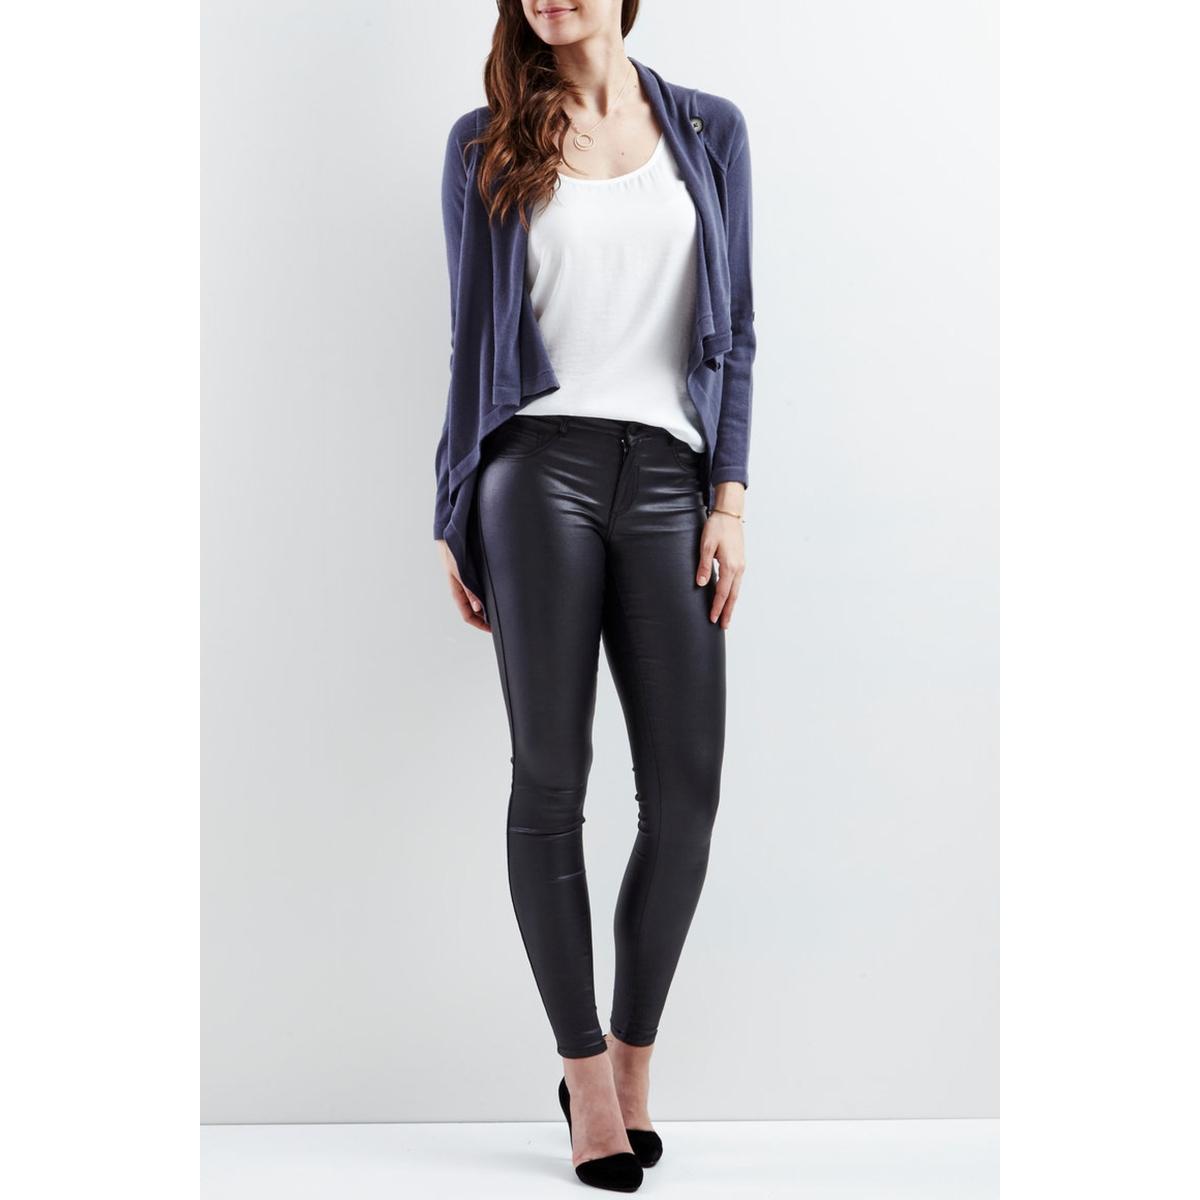 objdeanna light knit cardigan campaign 23023773 object vest ombre blue